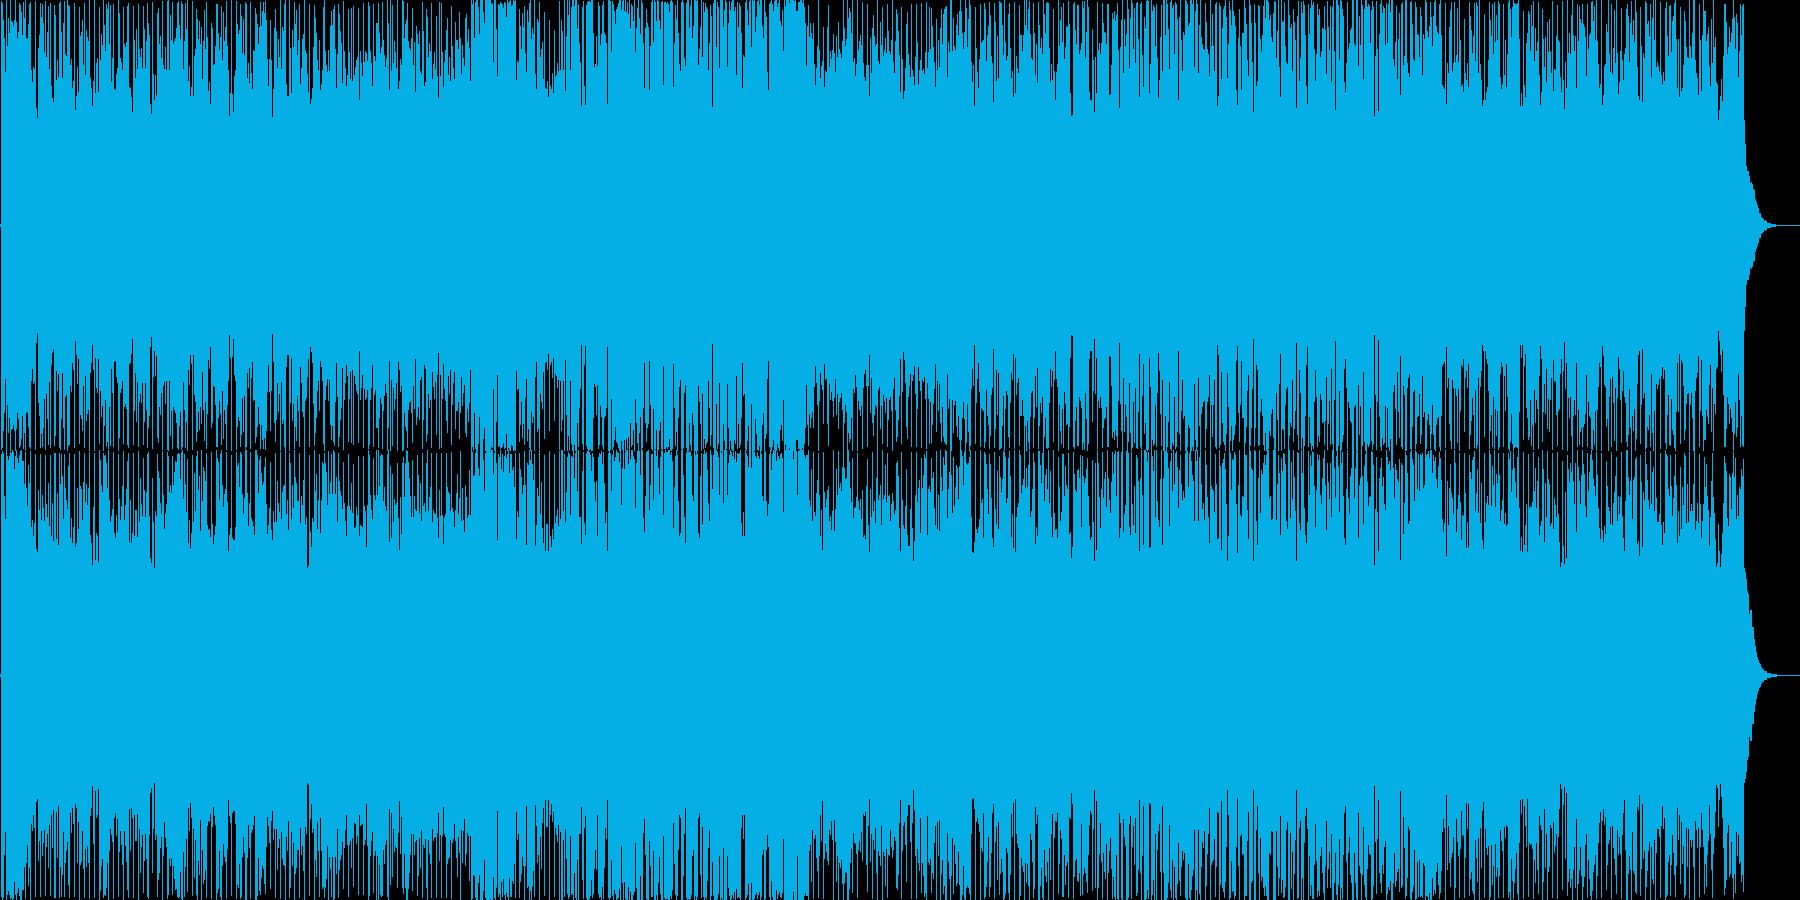 ゲームのボーナスステージ的ハッピーBGMの再生済みの波形